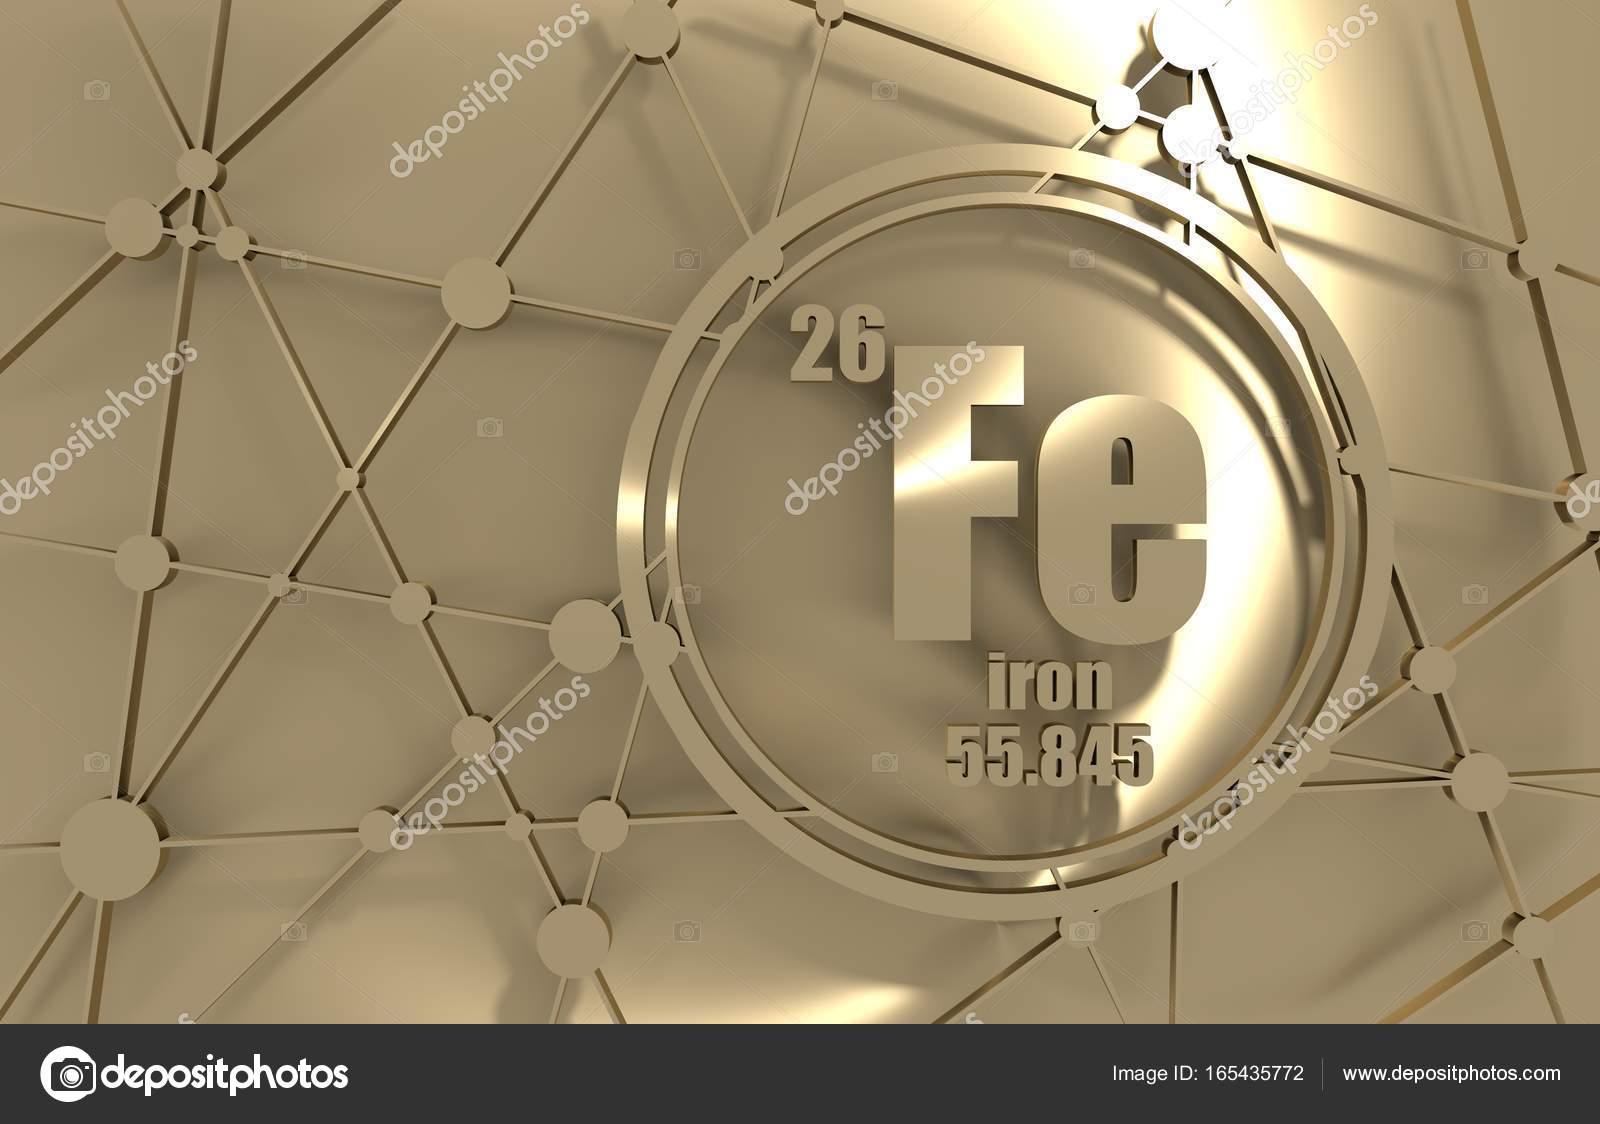 Elemento qumico hierro foto de stock jegasra 165435772 elemento qumico del hierro firmar con el nmero atmico y peso atmico elemento qumico de tabla peridica molcula y el fondo de la comunicacin urtaz Images